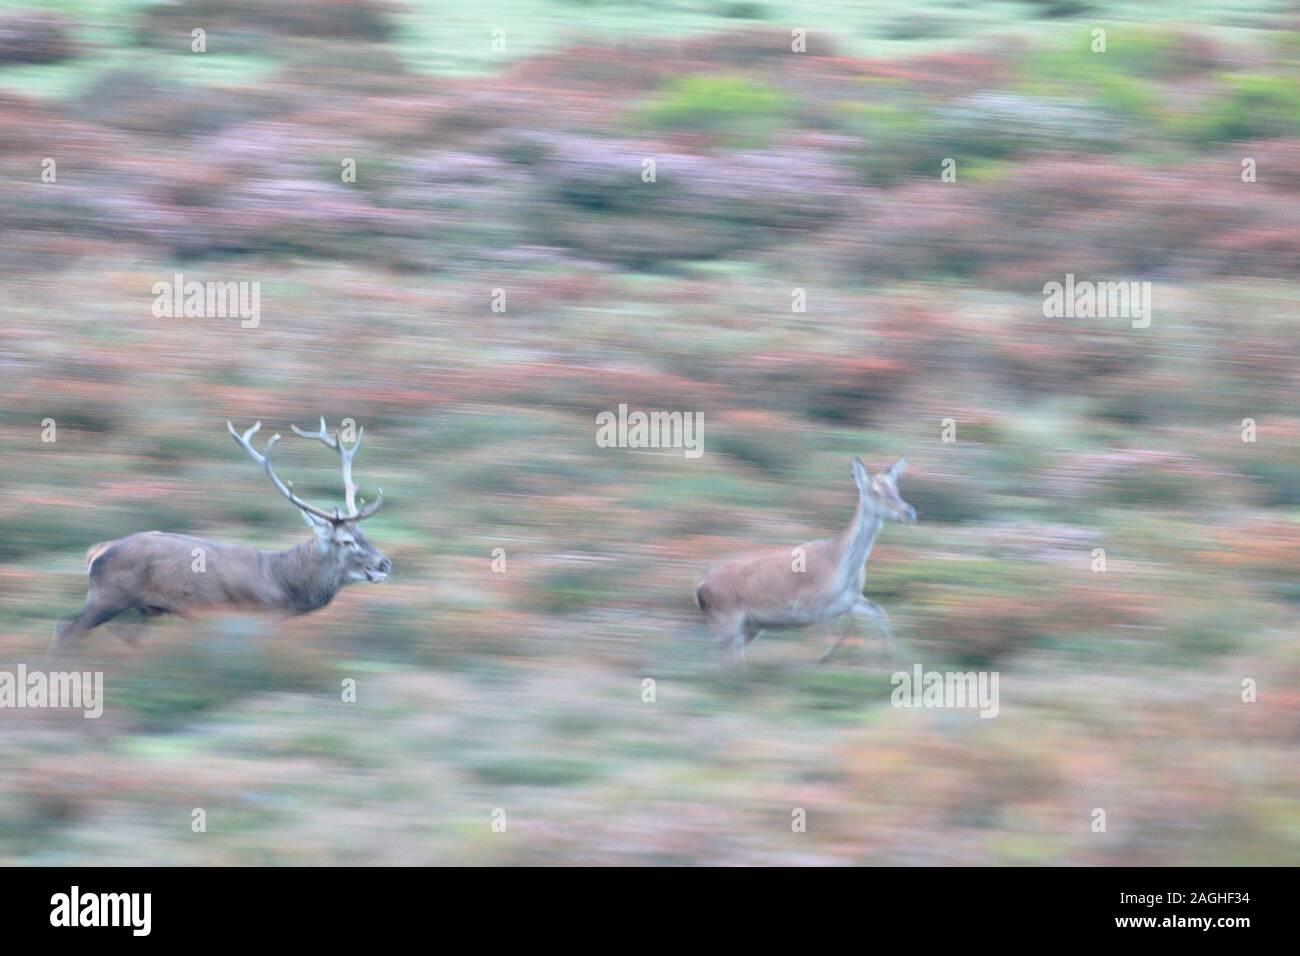 Septiembre 21, 2017. La berrea en el Parque Natural de Gorbeia (País Vasco). Foto de stock